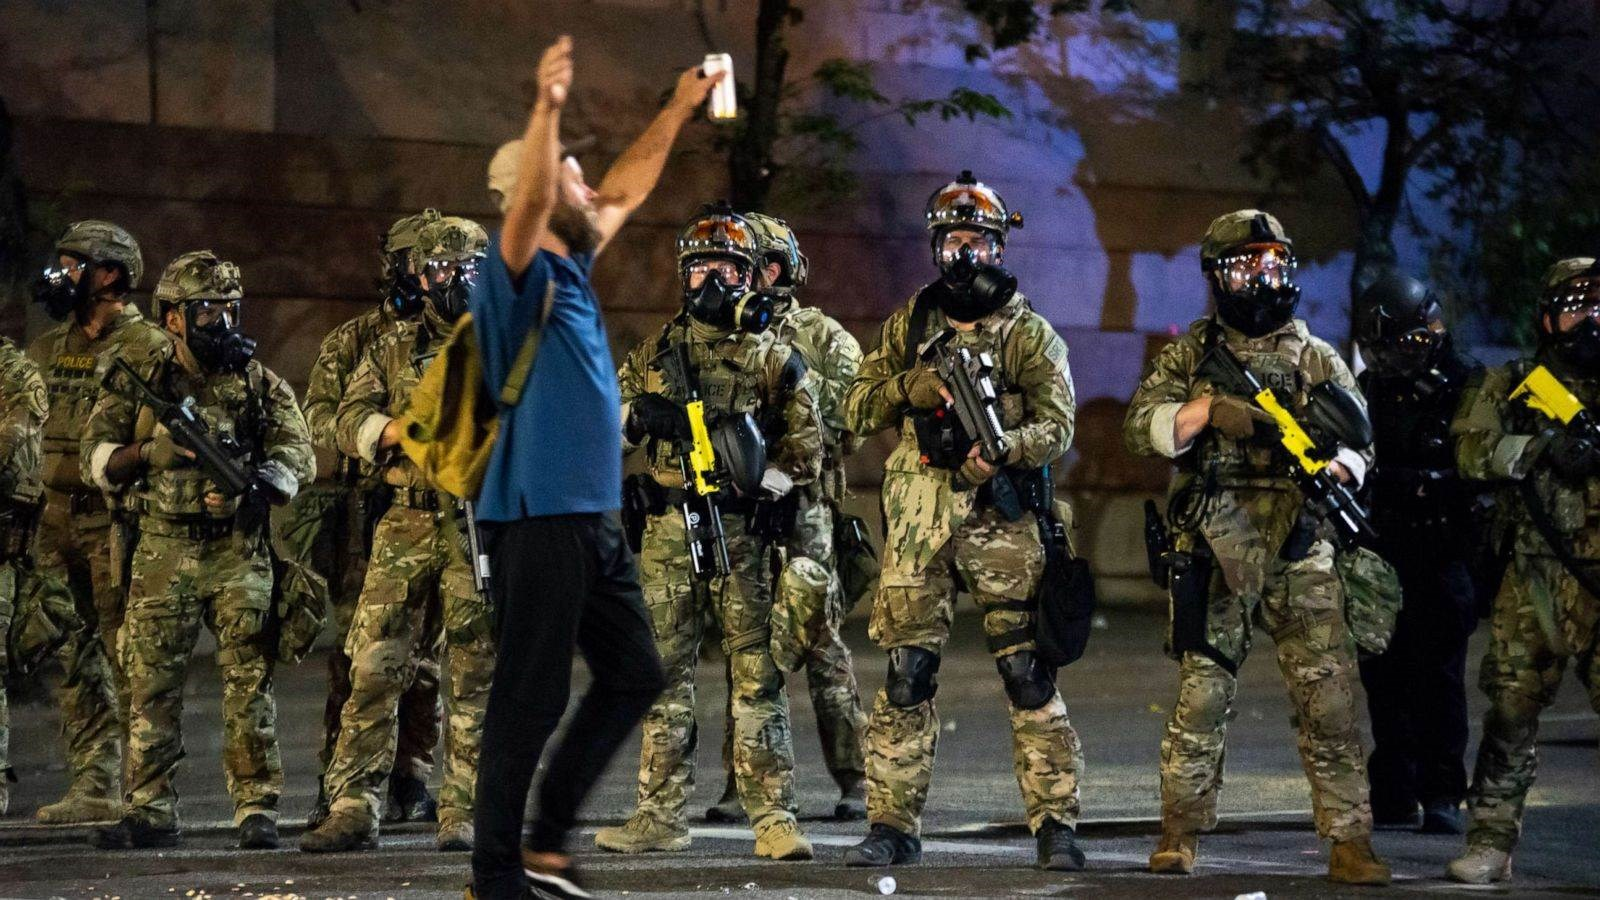 تولت الشرطة وعناصر أمن فدراليون تفريق المتظاهرين في بورتلاند